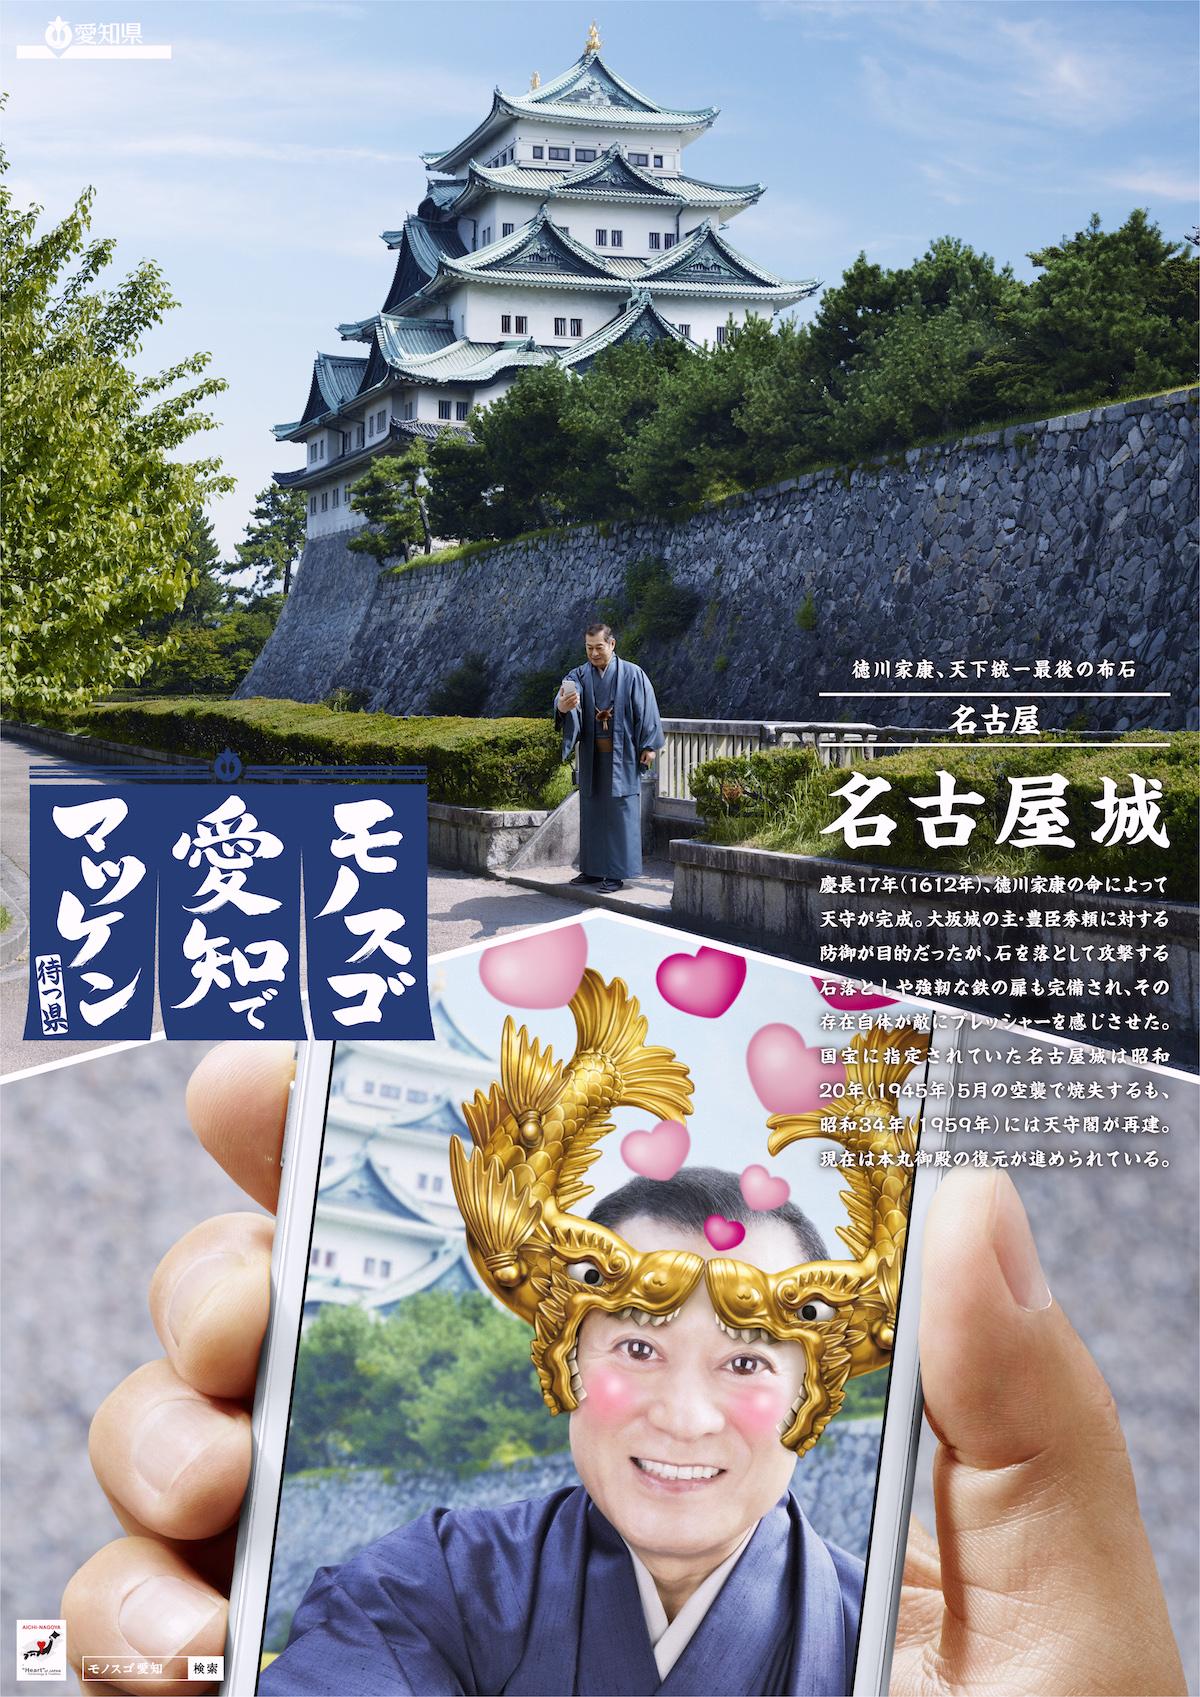 「名古屋城」篇